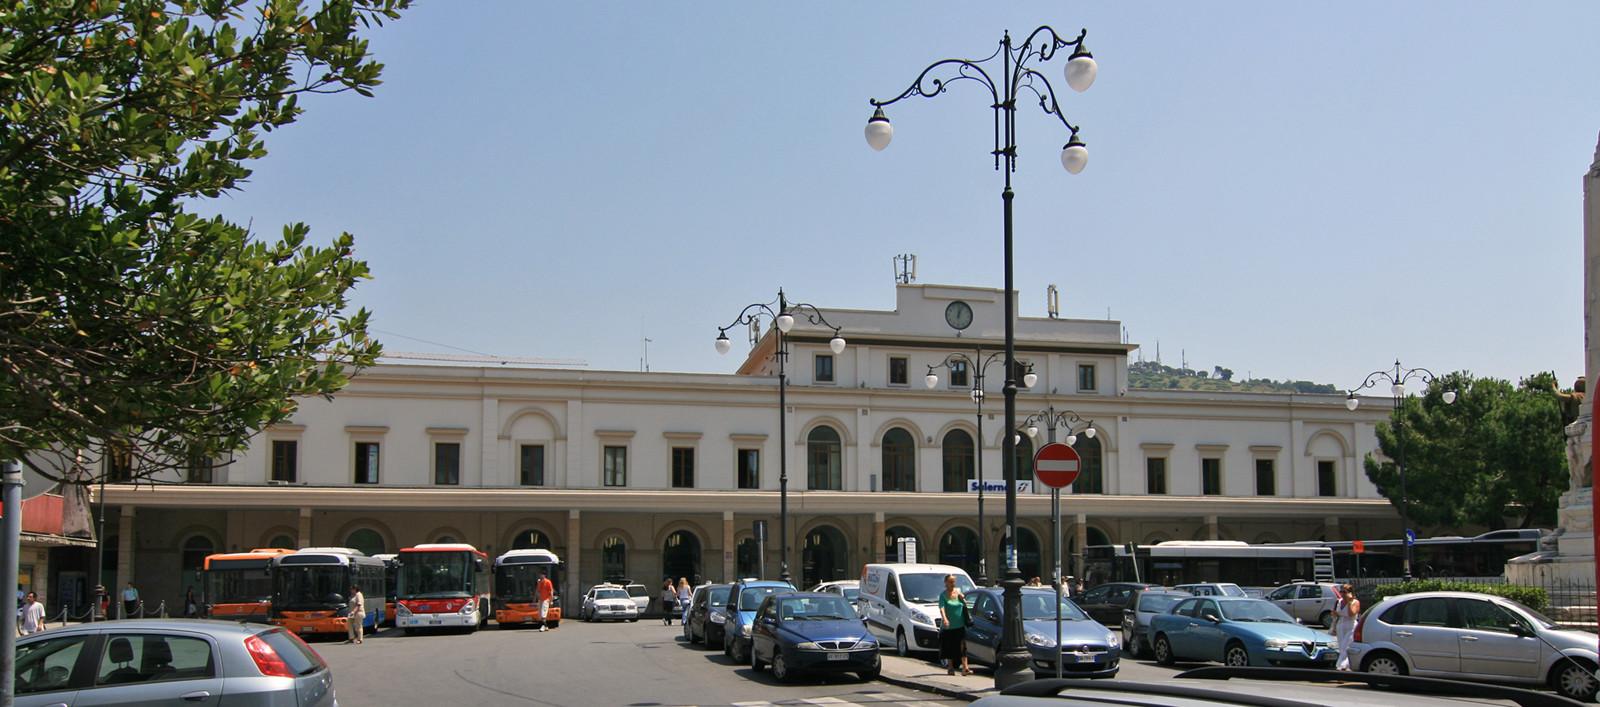 stazione_salerno